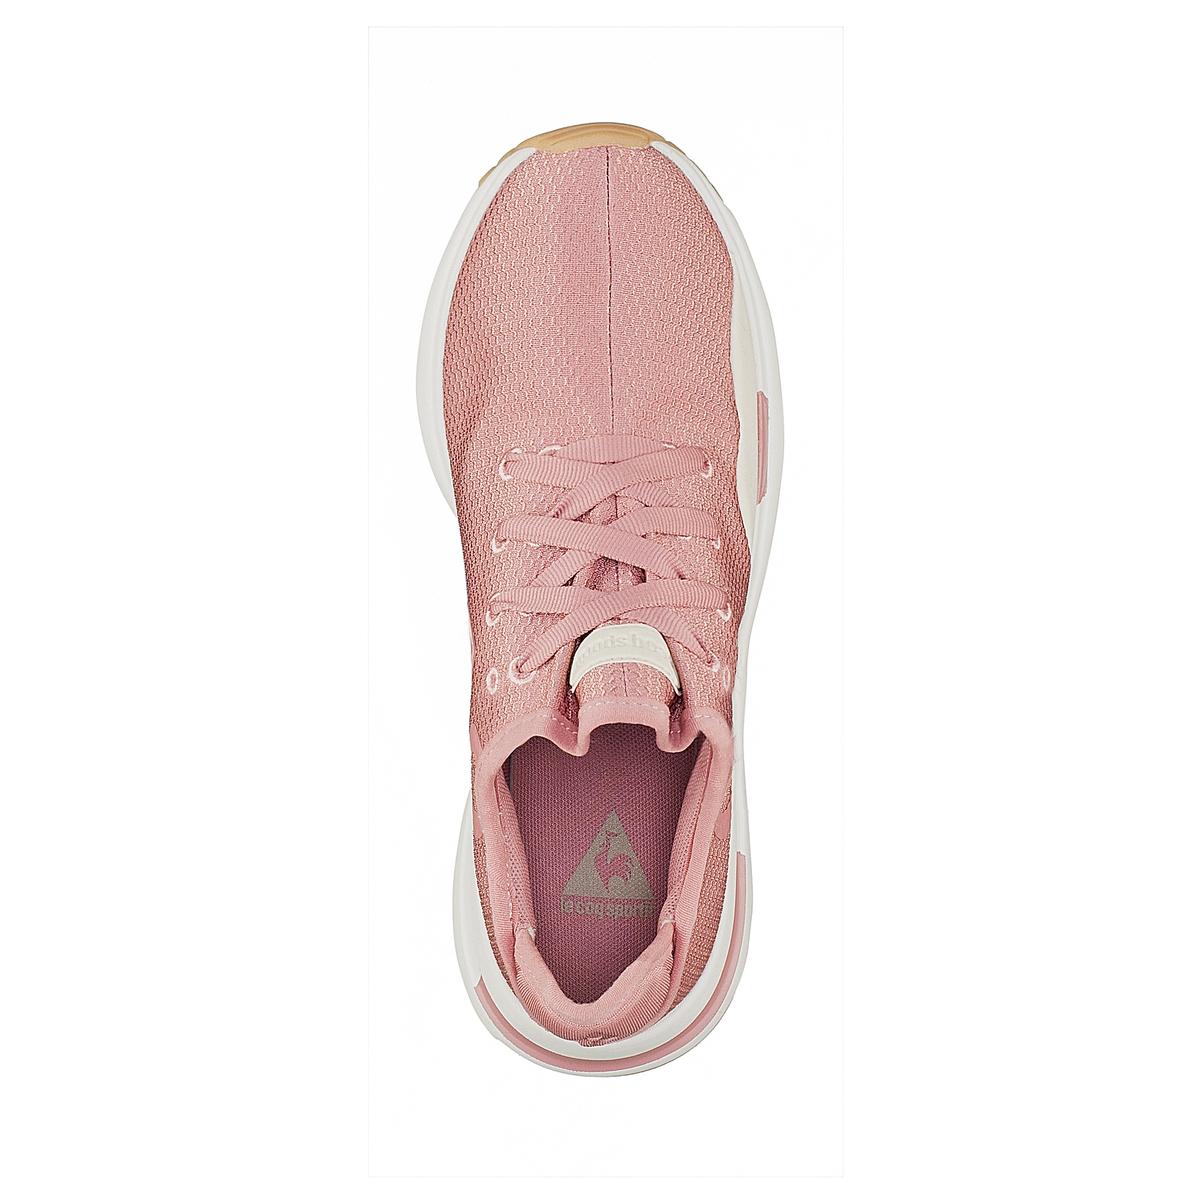 Imagen adicional 3 de producto de Zapatillas Solas W Summer Flavor - le coq sportif